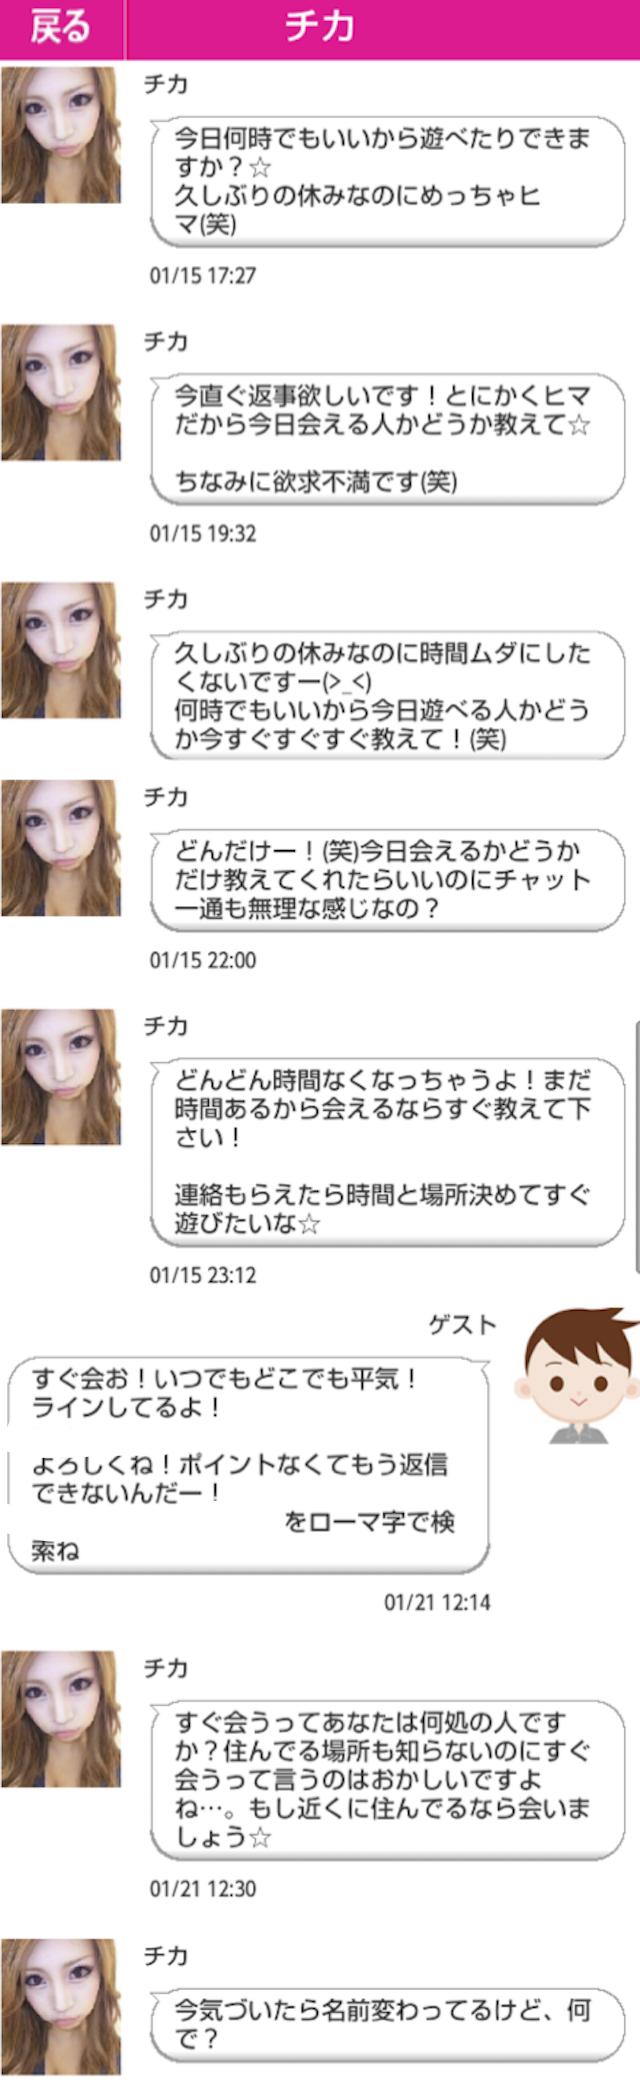 らぶクック_アプリ6